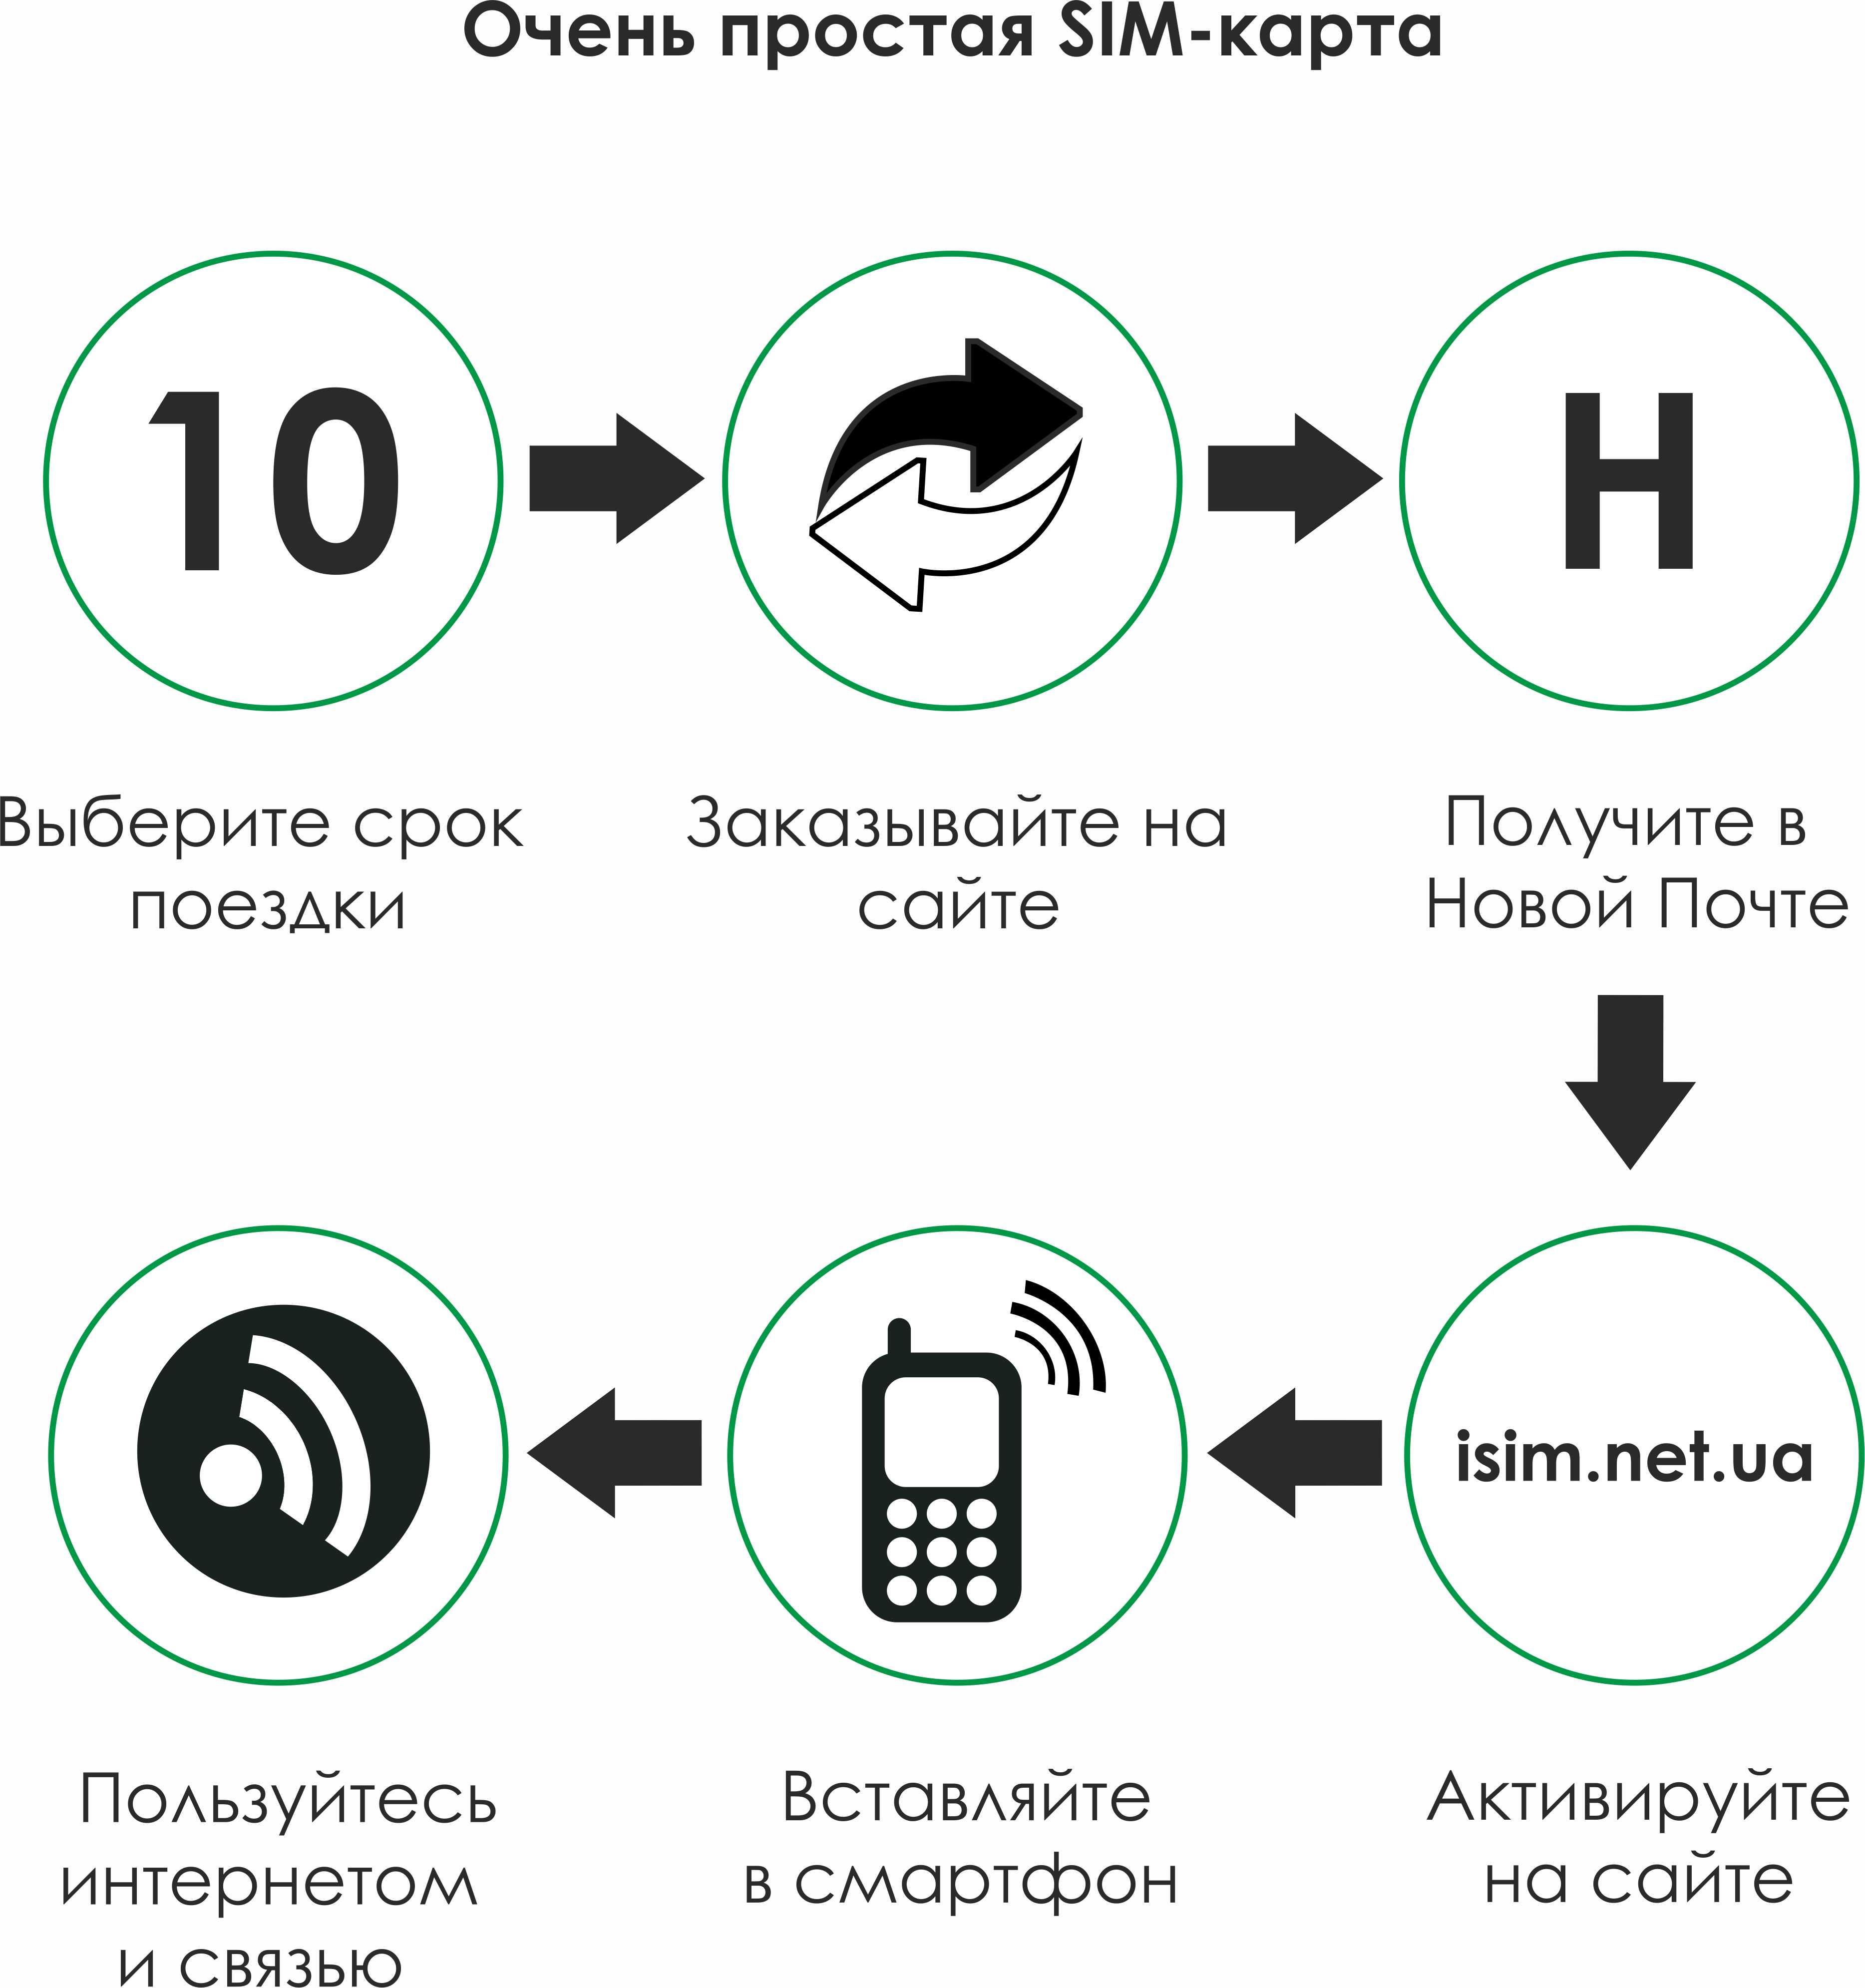 инфографика giffgaff